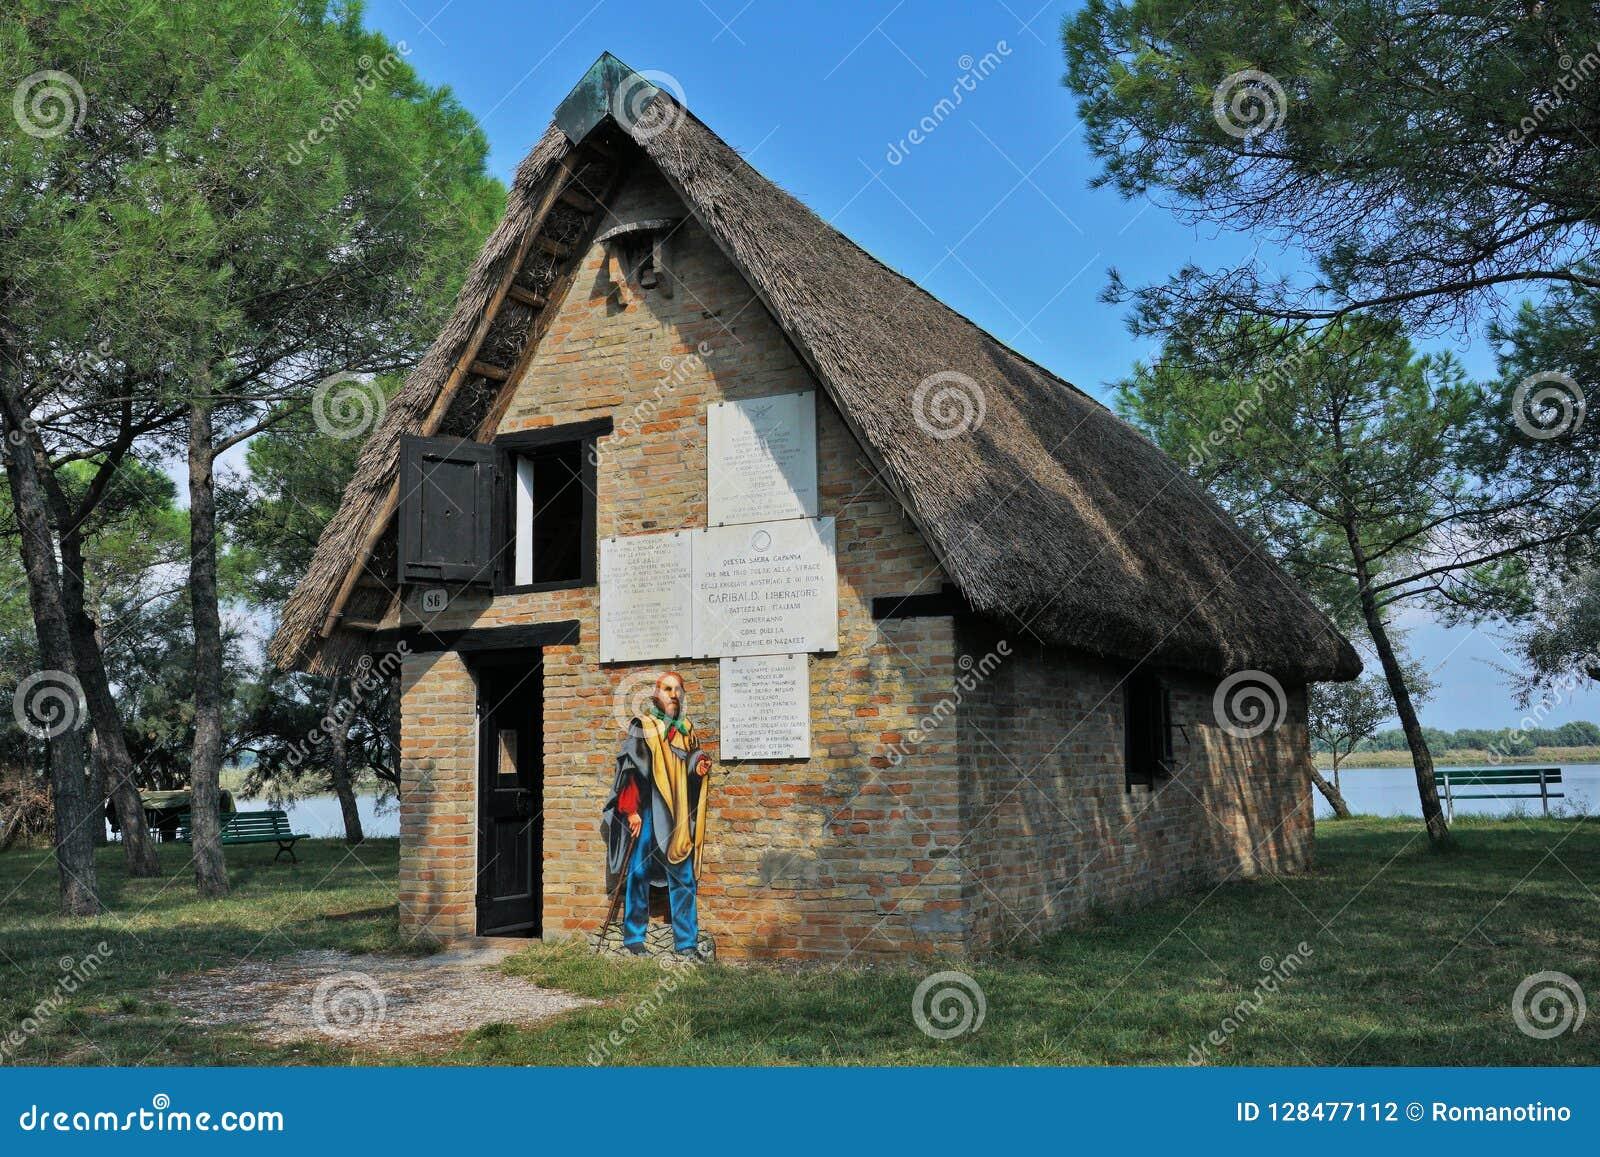 Eine externe Ansicht der Garibaldi-Hütte